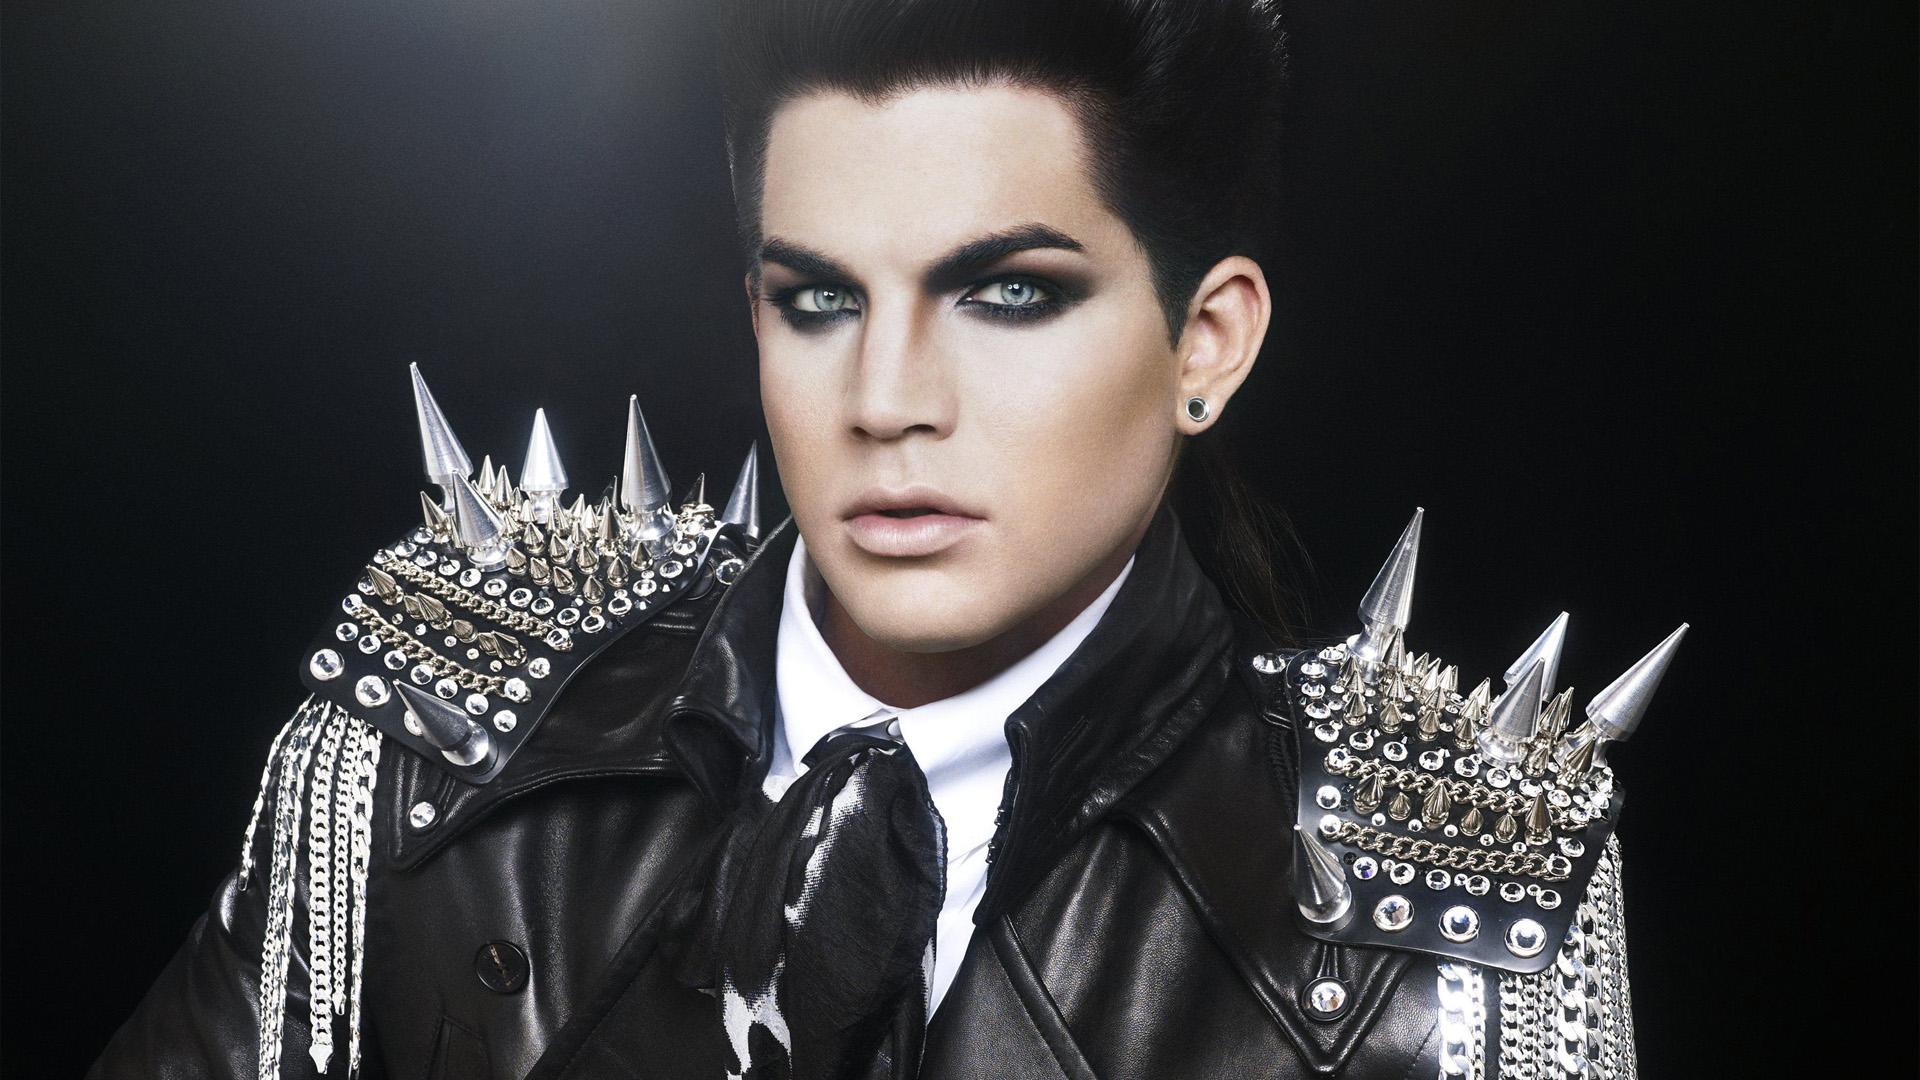 Adam-Lambert-Pictures